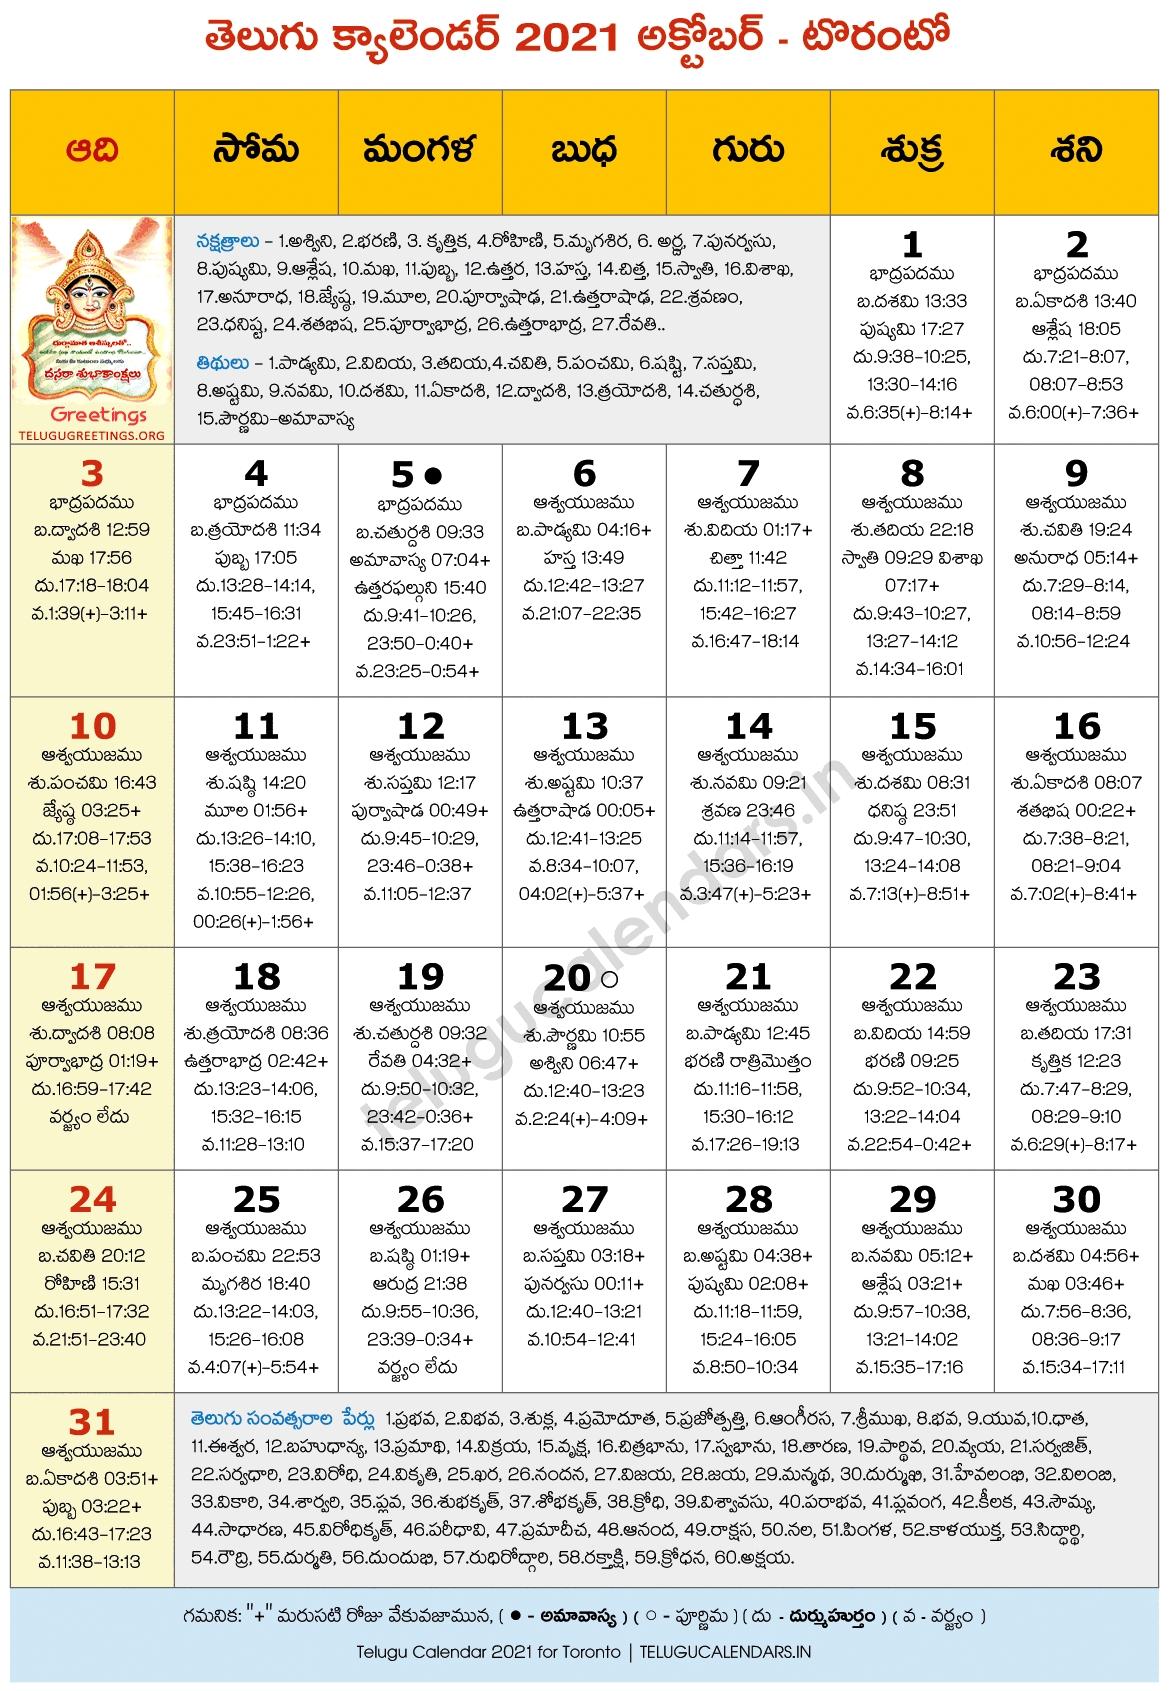 Toronto 2021 October Telugu Calendar | Telugu Calendars Telugu Calendar 2021 October Andhra Pradesh